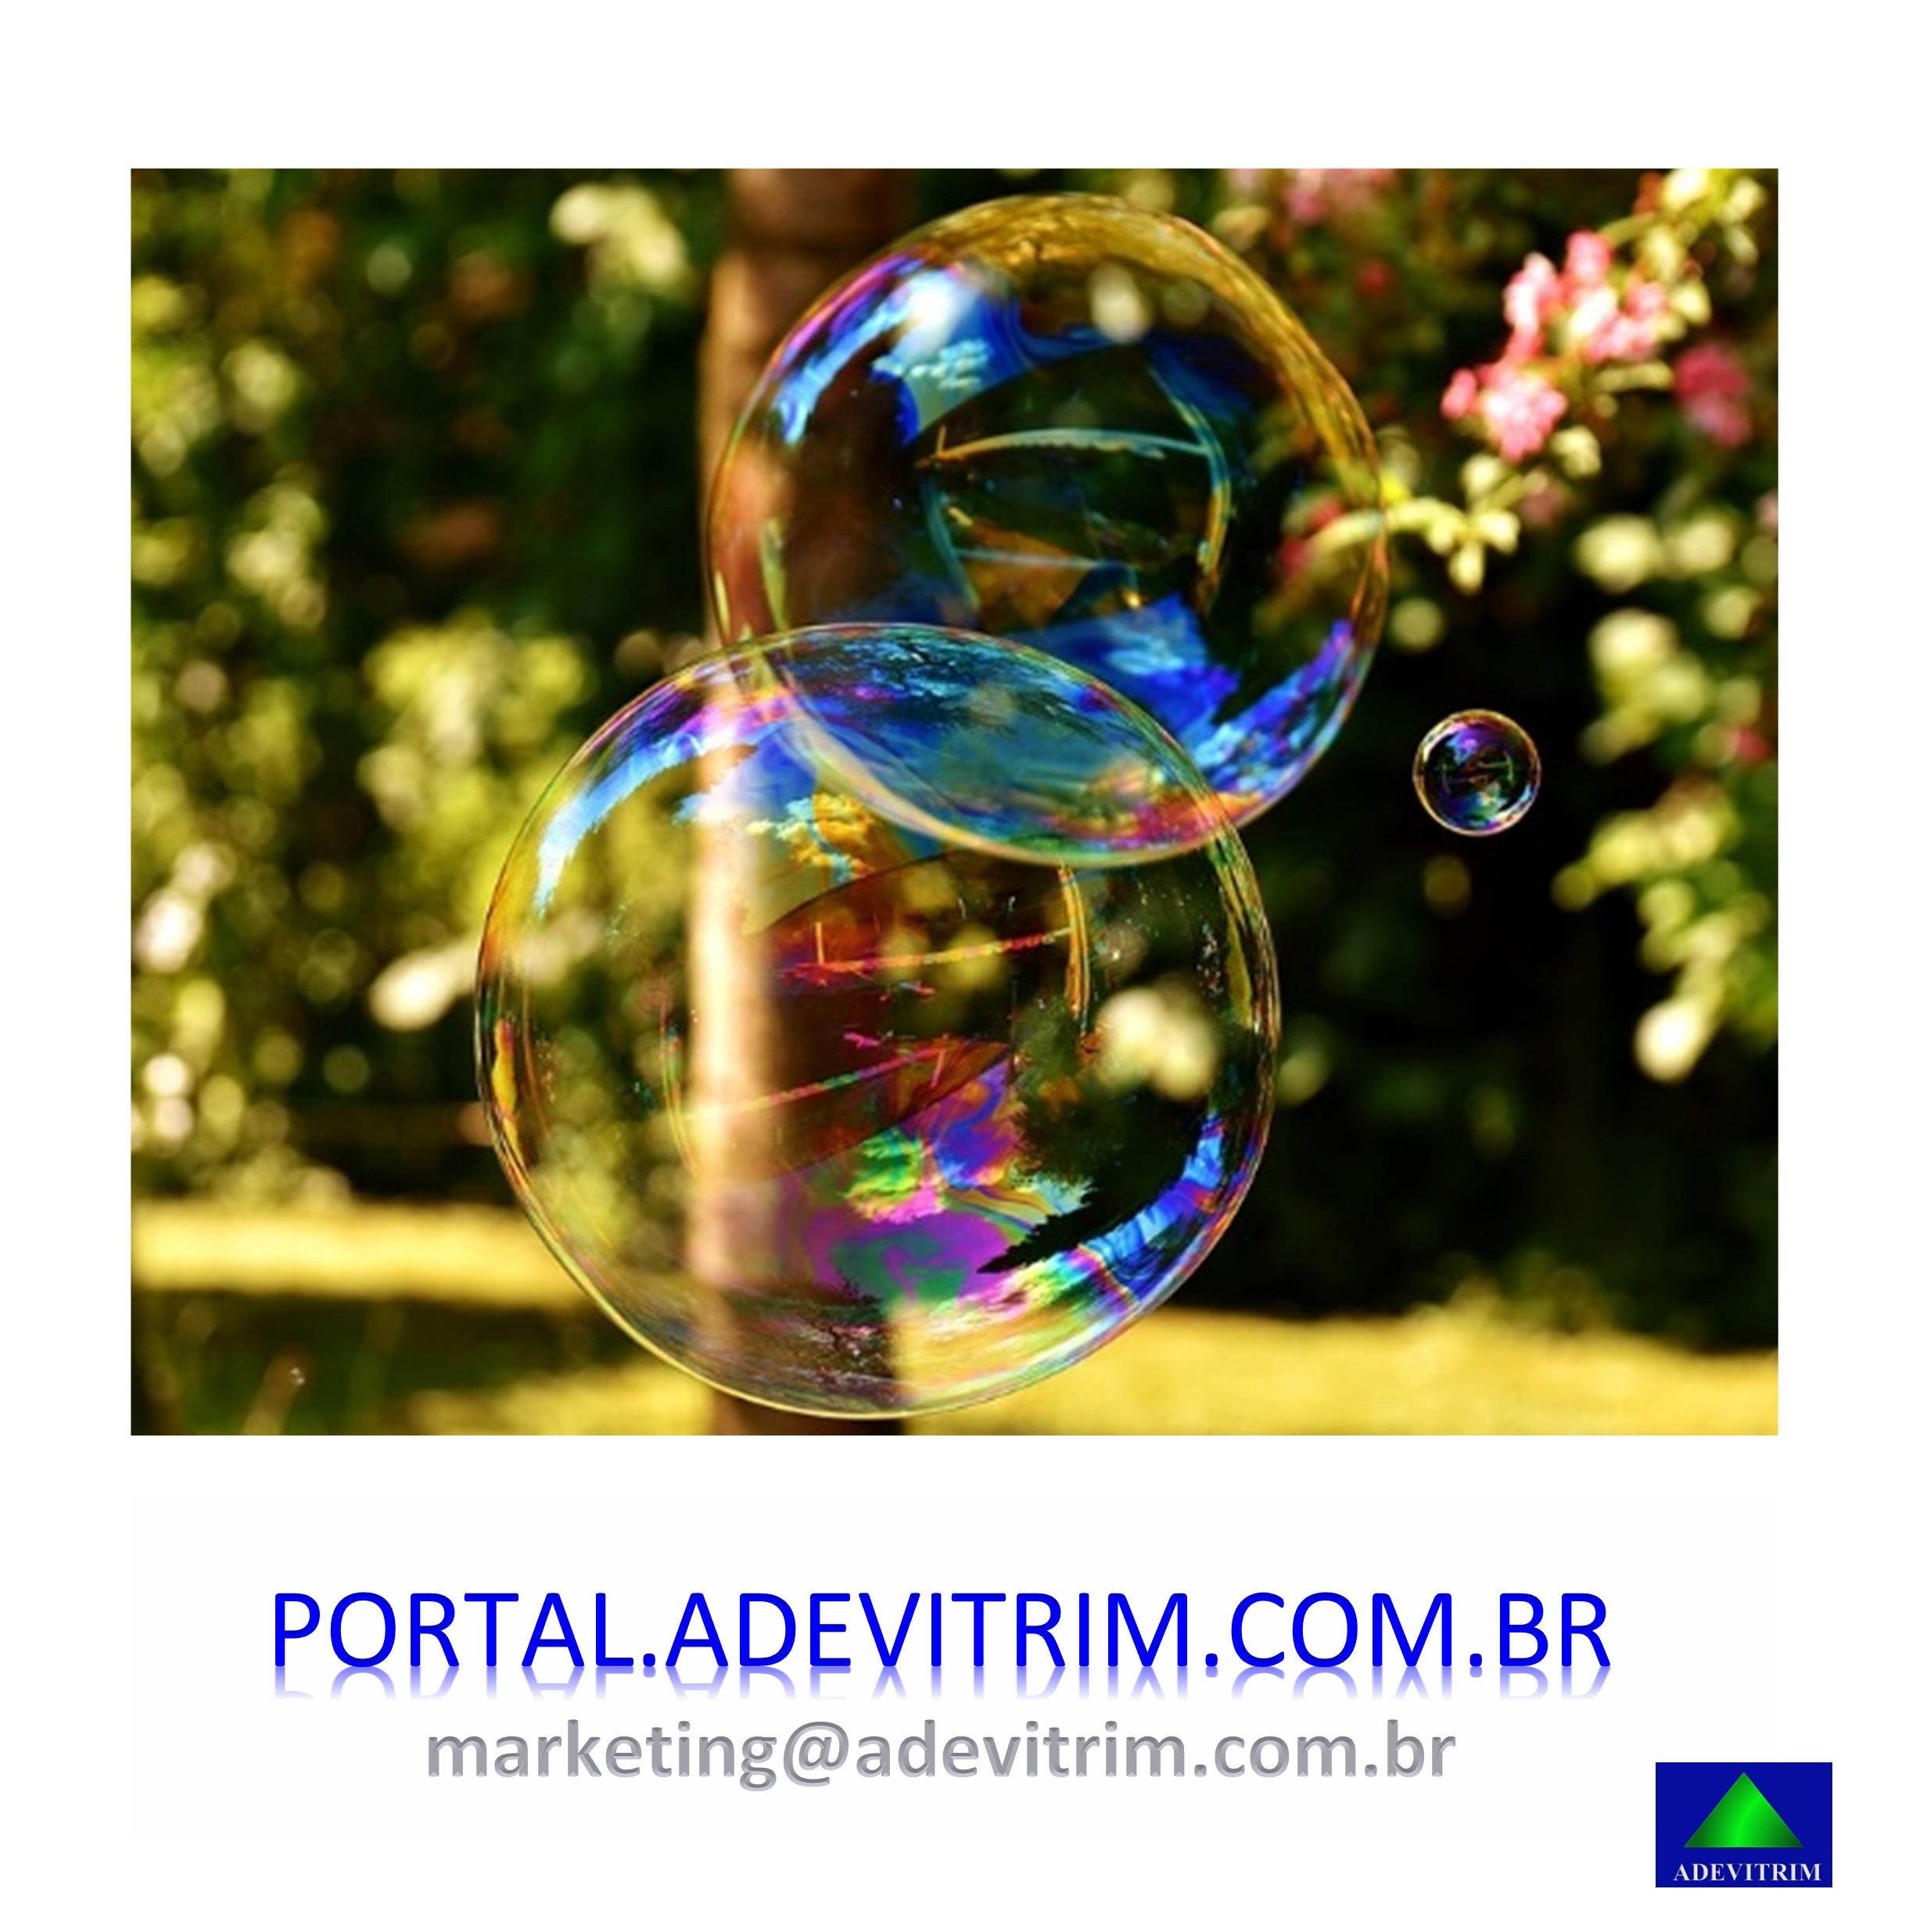 publicidade Adevitrim NEPIS Digital marketing 1